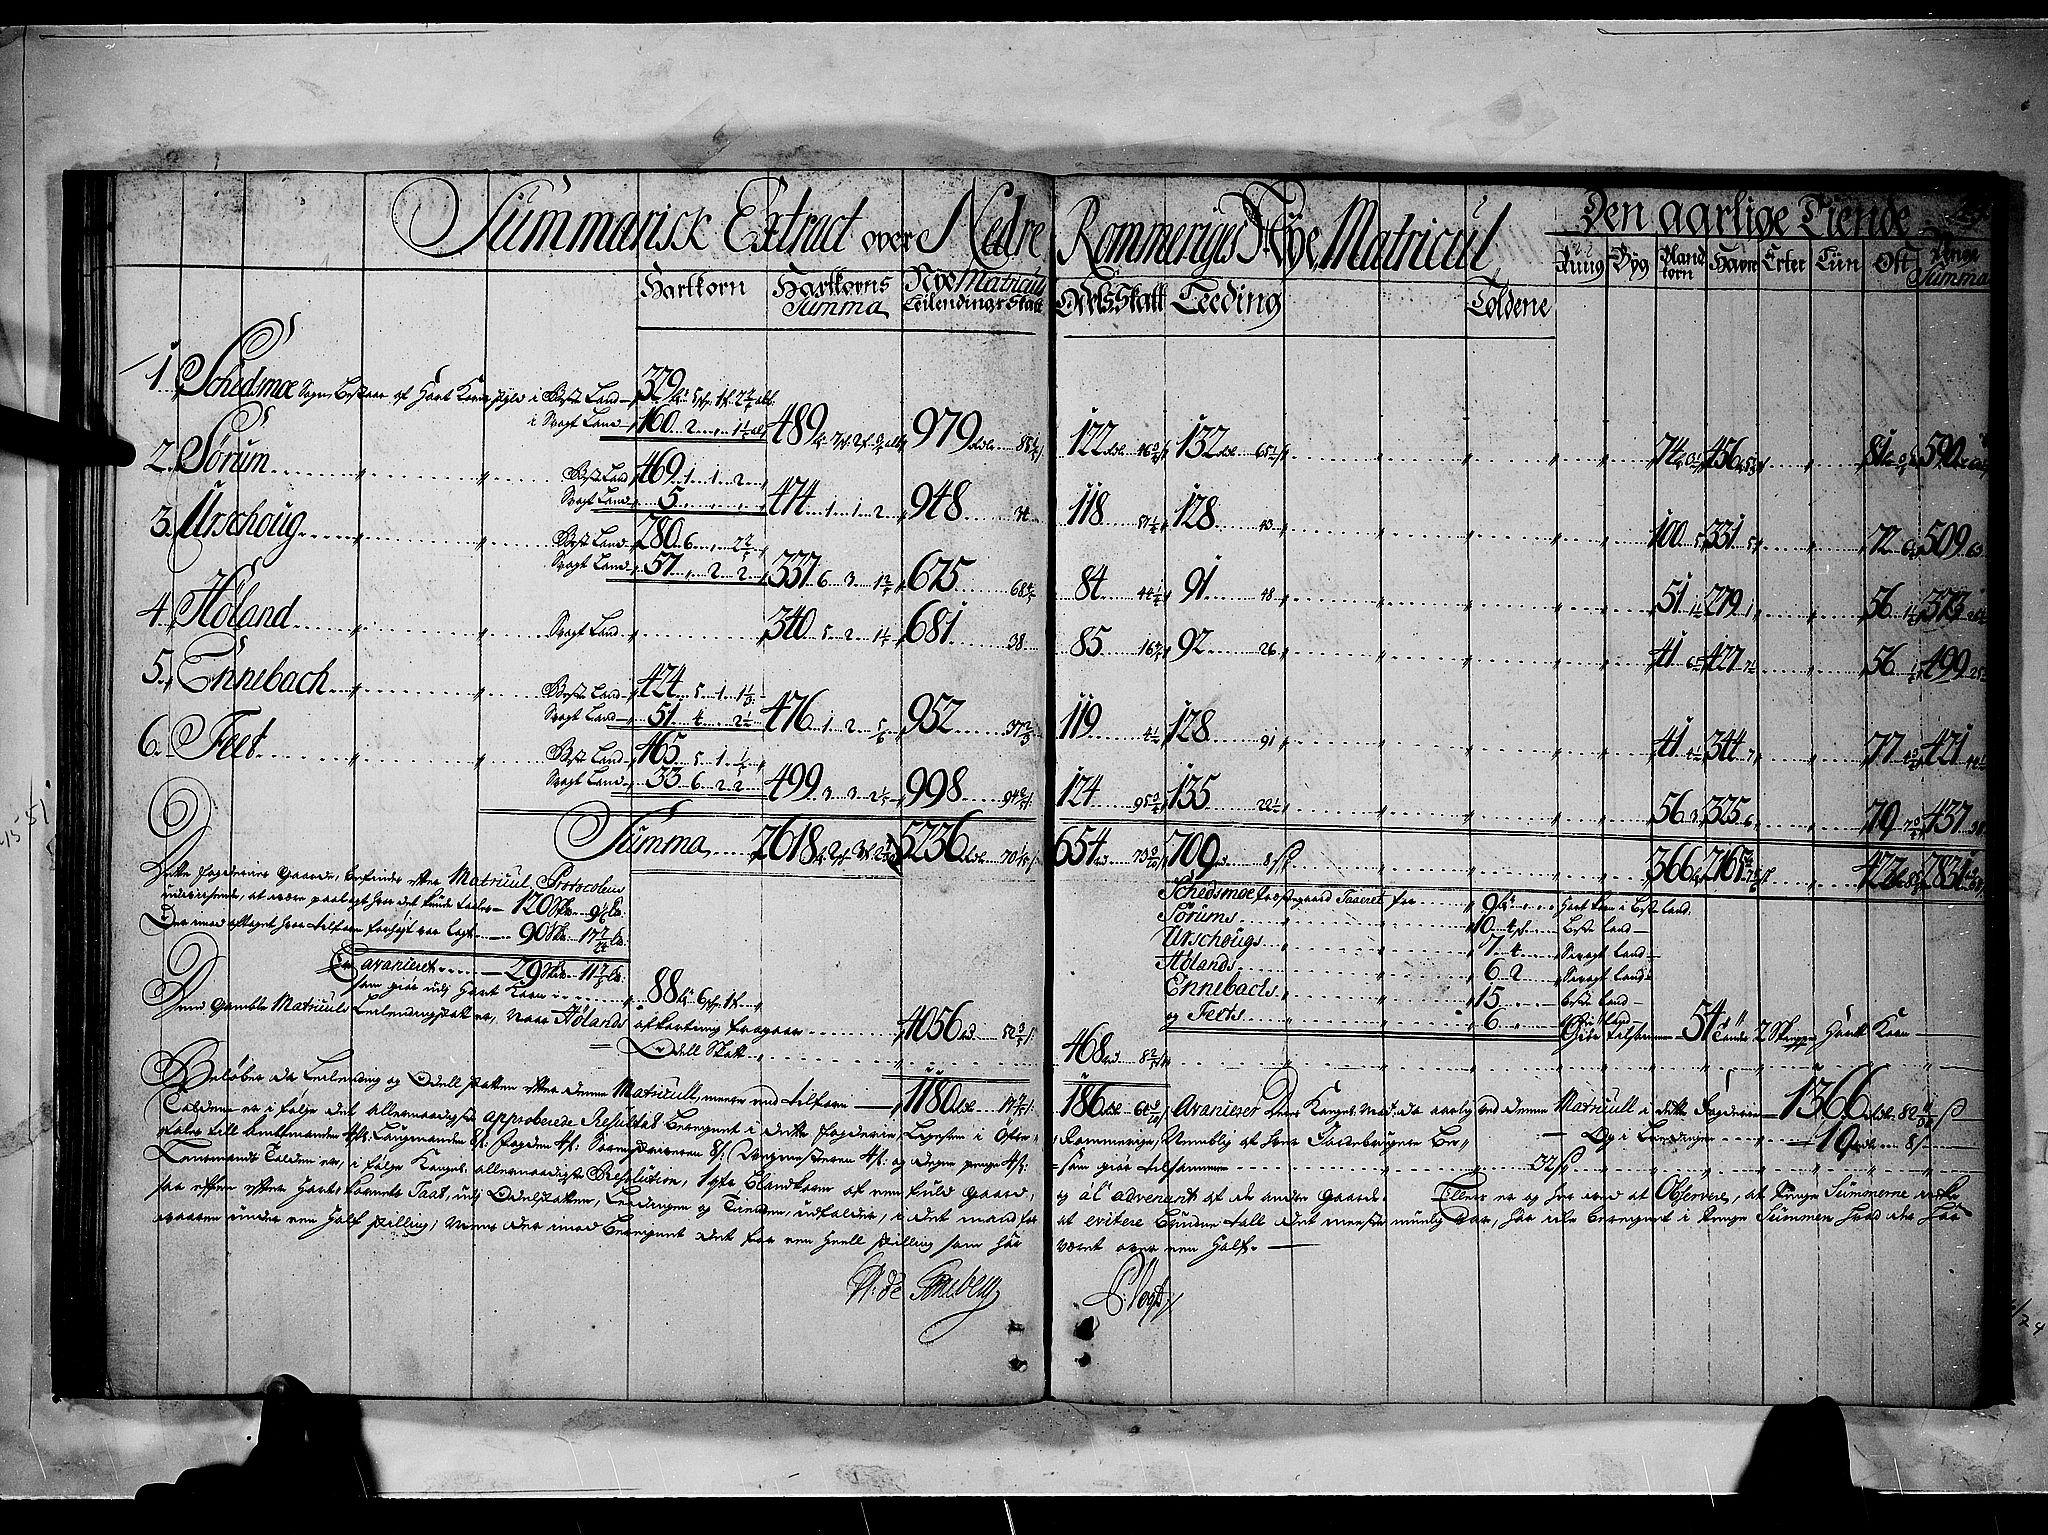 RA, Rentekammeret inntil 1814, Realistisk ordnet avdeling, N/Nb/Nbf/L0092: Nedre Romerike matrikkelprotokoll, 1723, s. 42b-43a